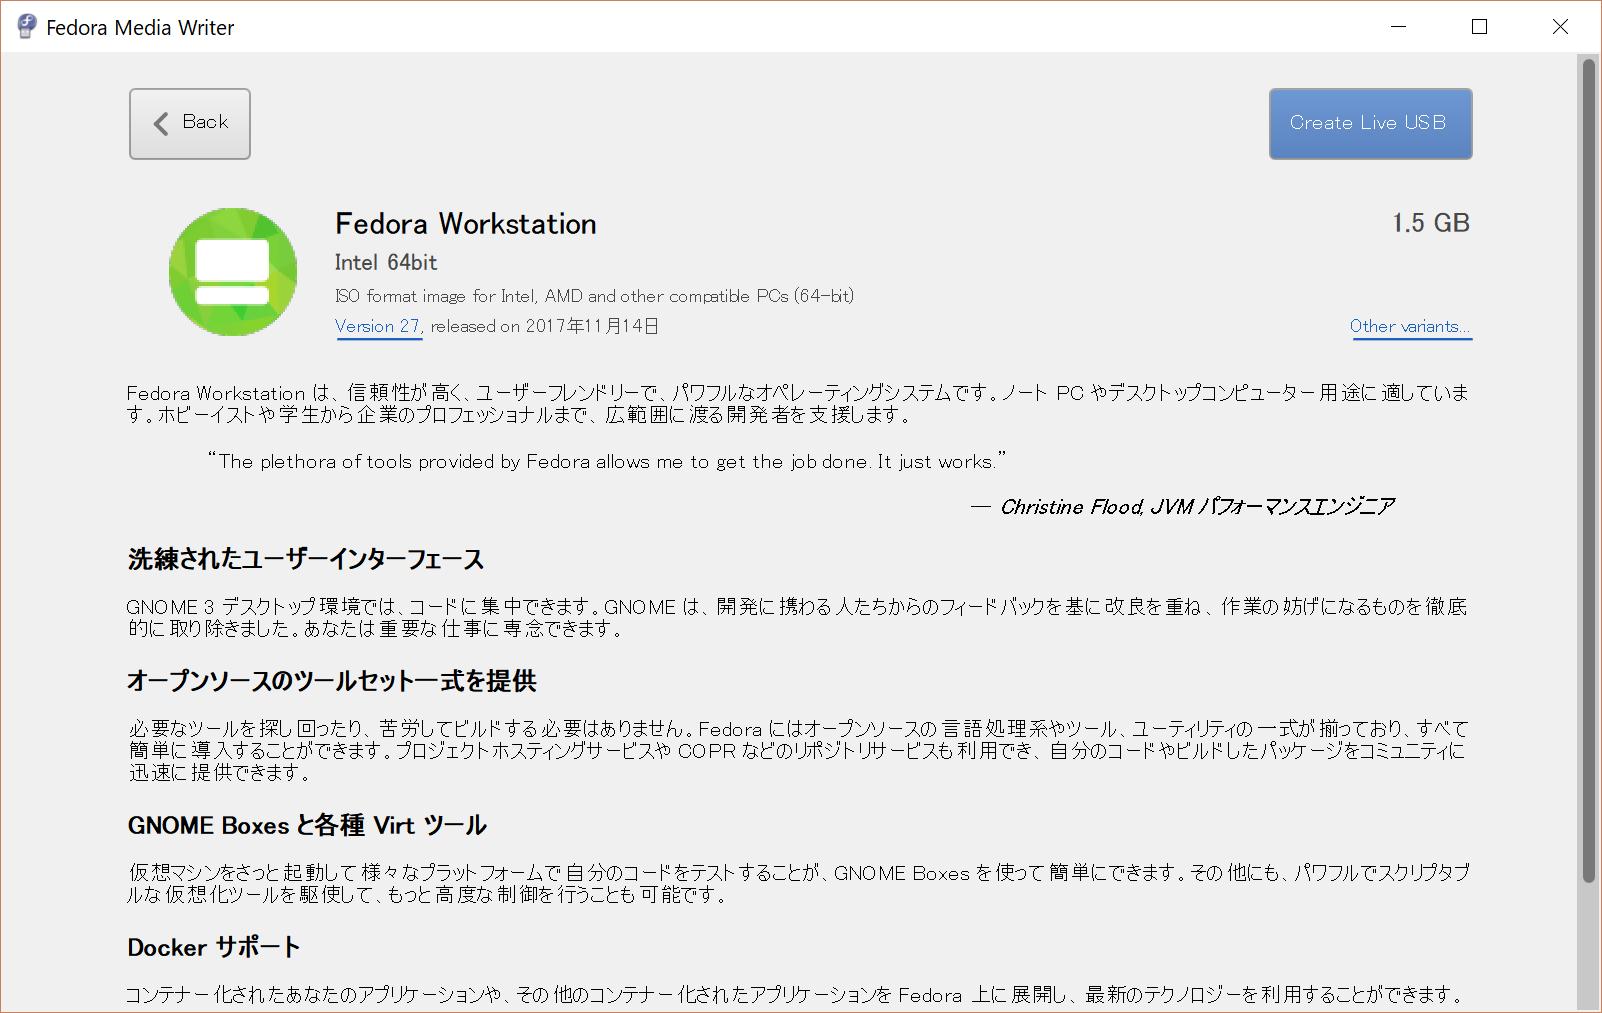 usb メモリに fedora 27 用のブータブルイメージを書き込む fedora